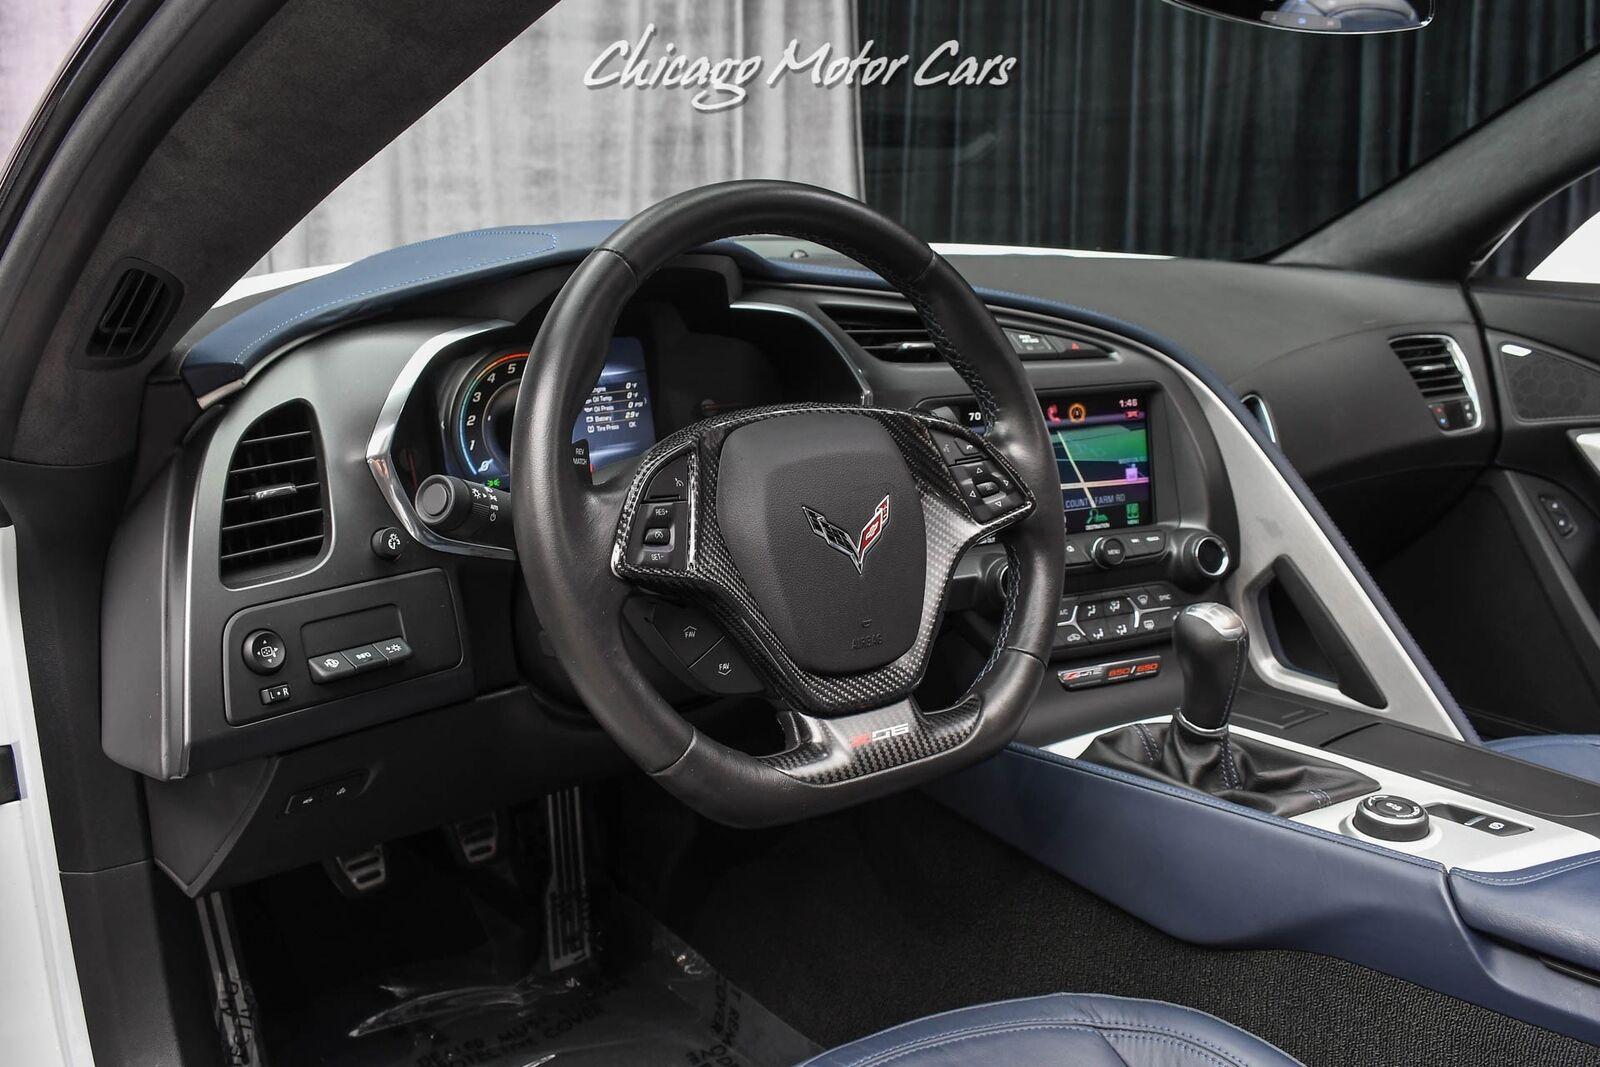 2015 White Chevrolet Corvette Z06 3LZ | C7 Corvette Photo 8